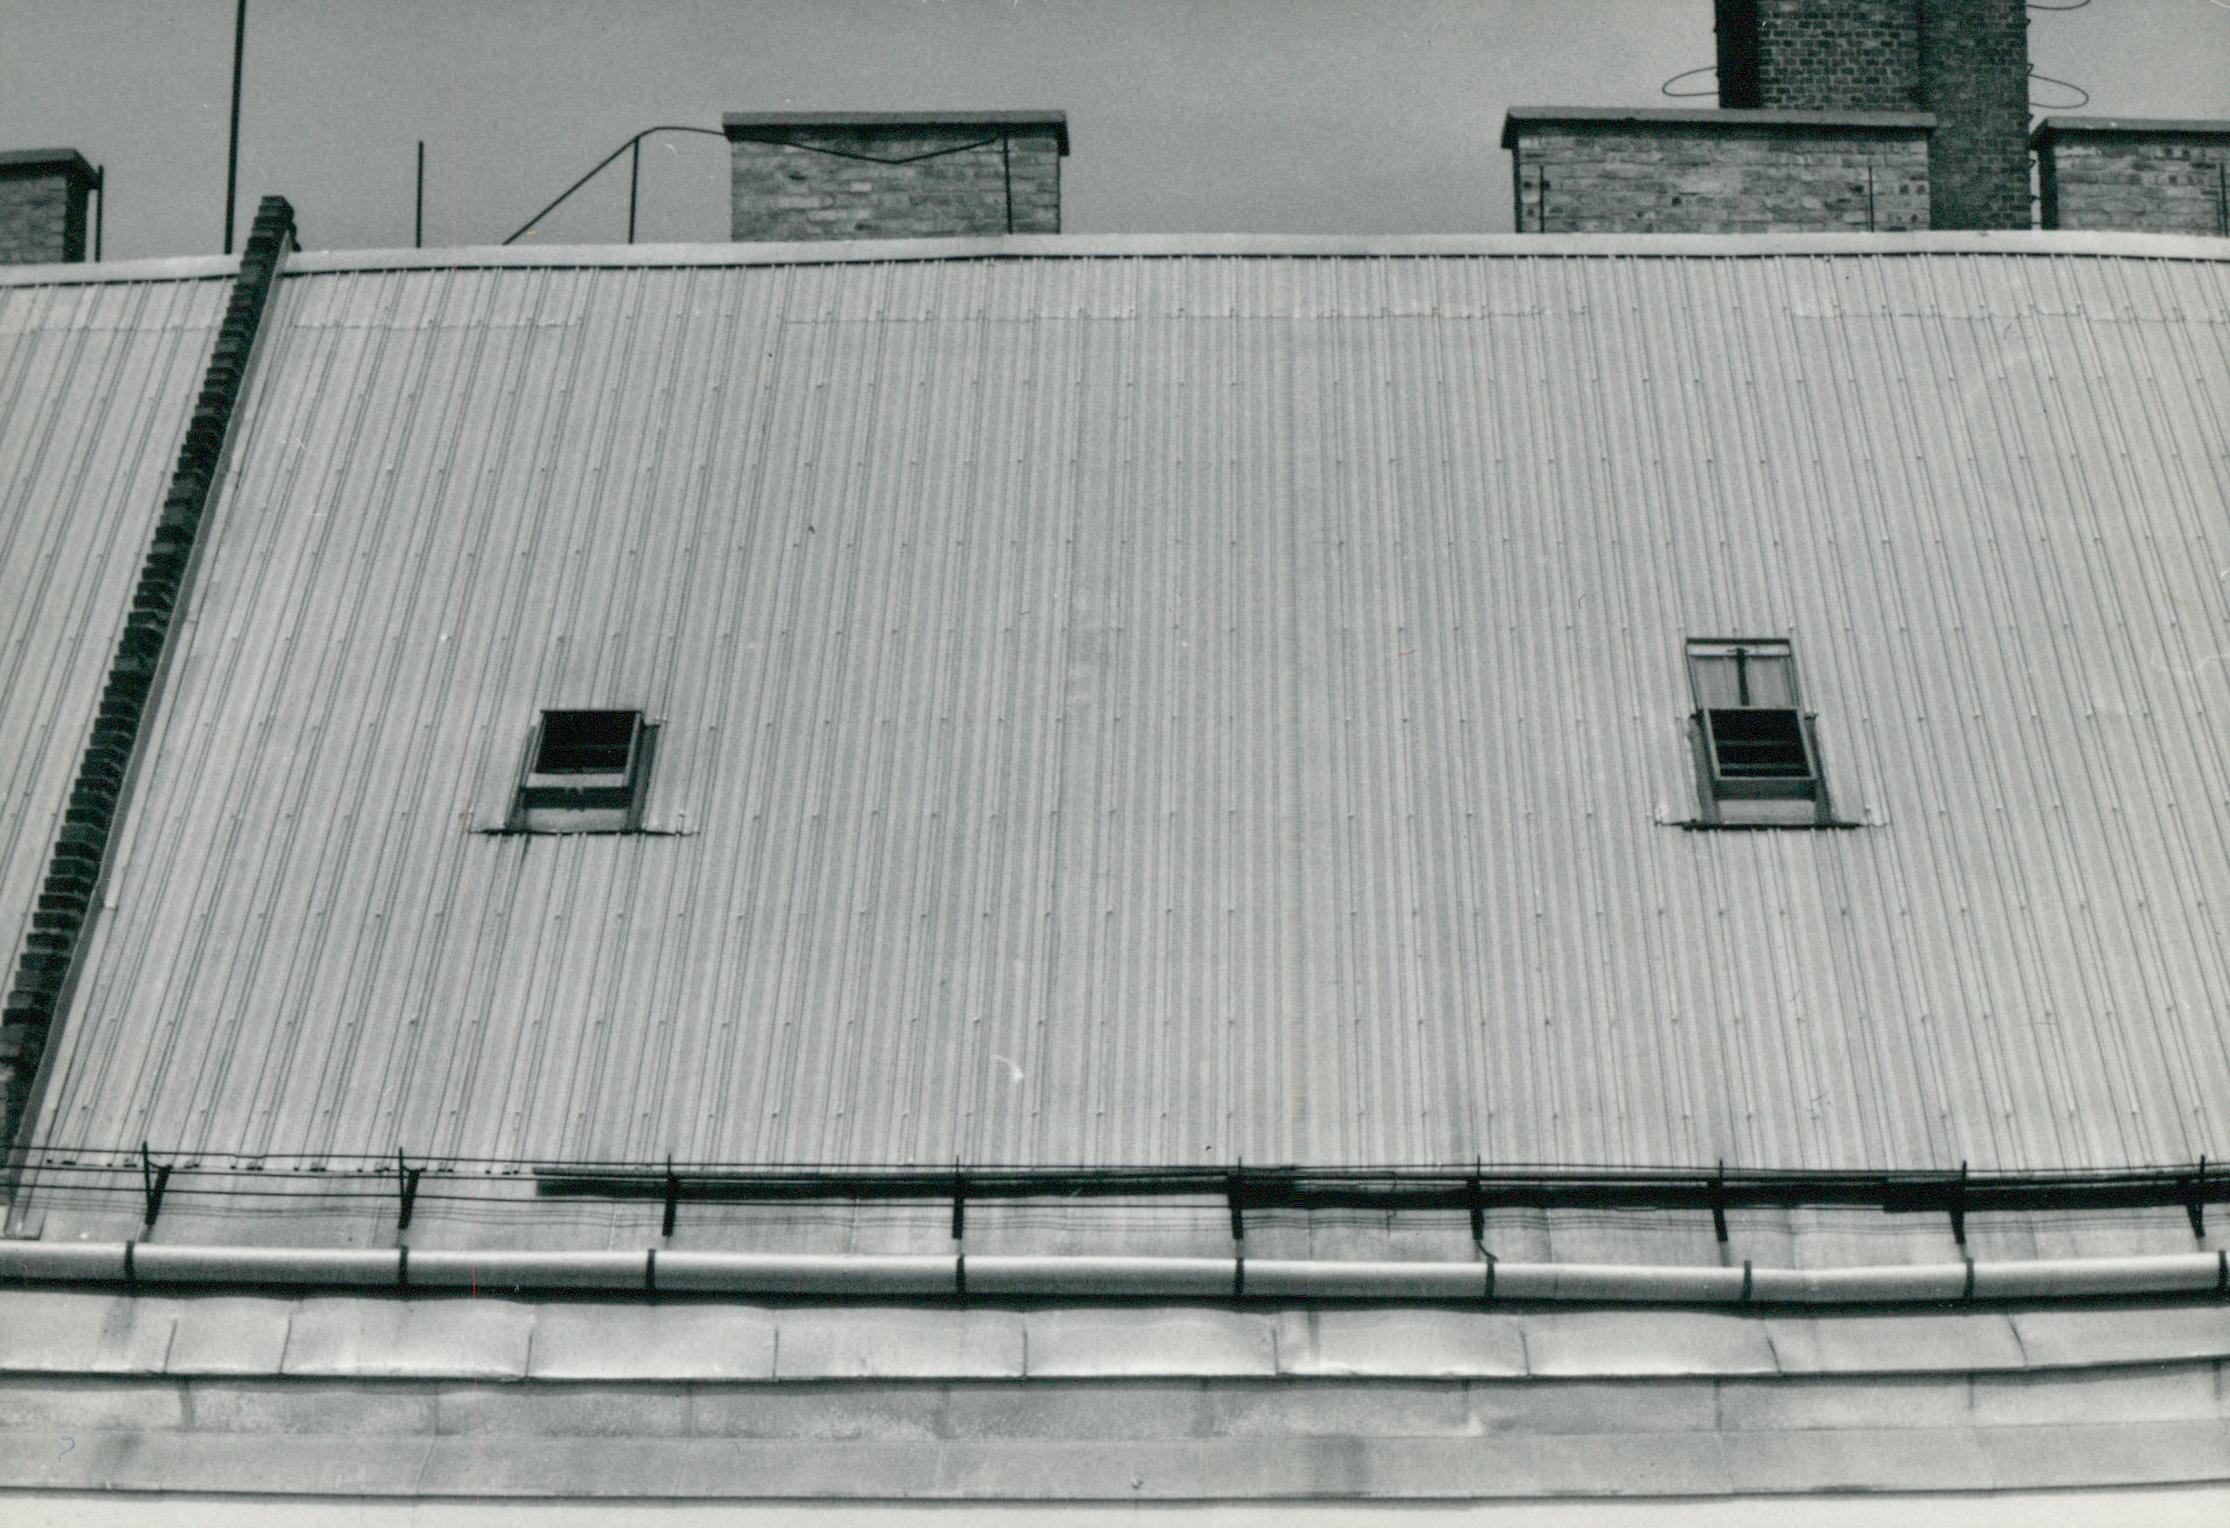 Keményfedésű tetőhéjalások korszerűsítése, Budapest, Palatinus Házak